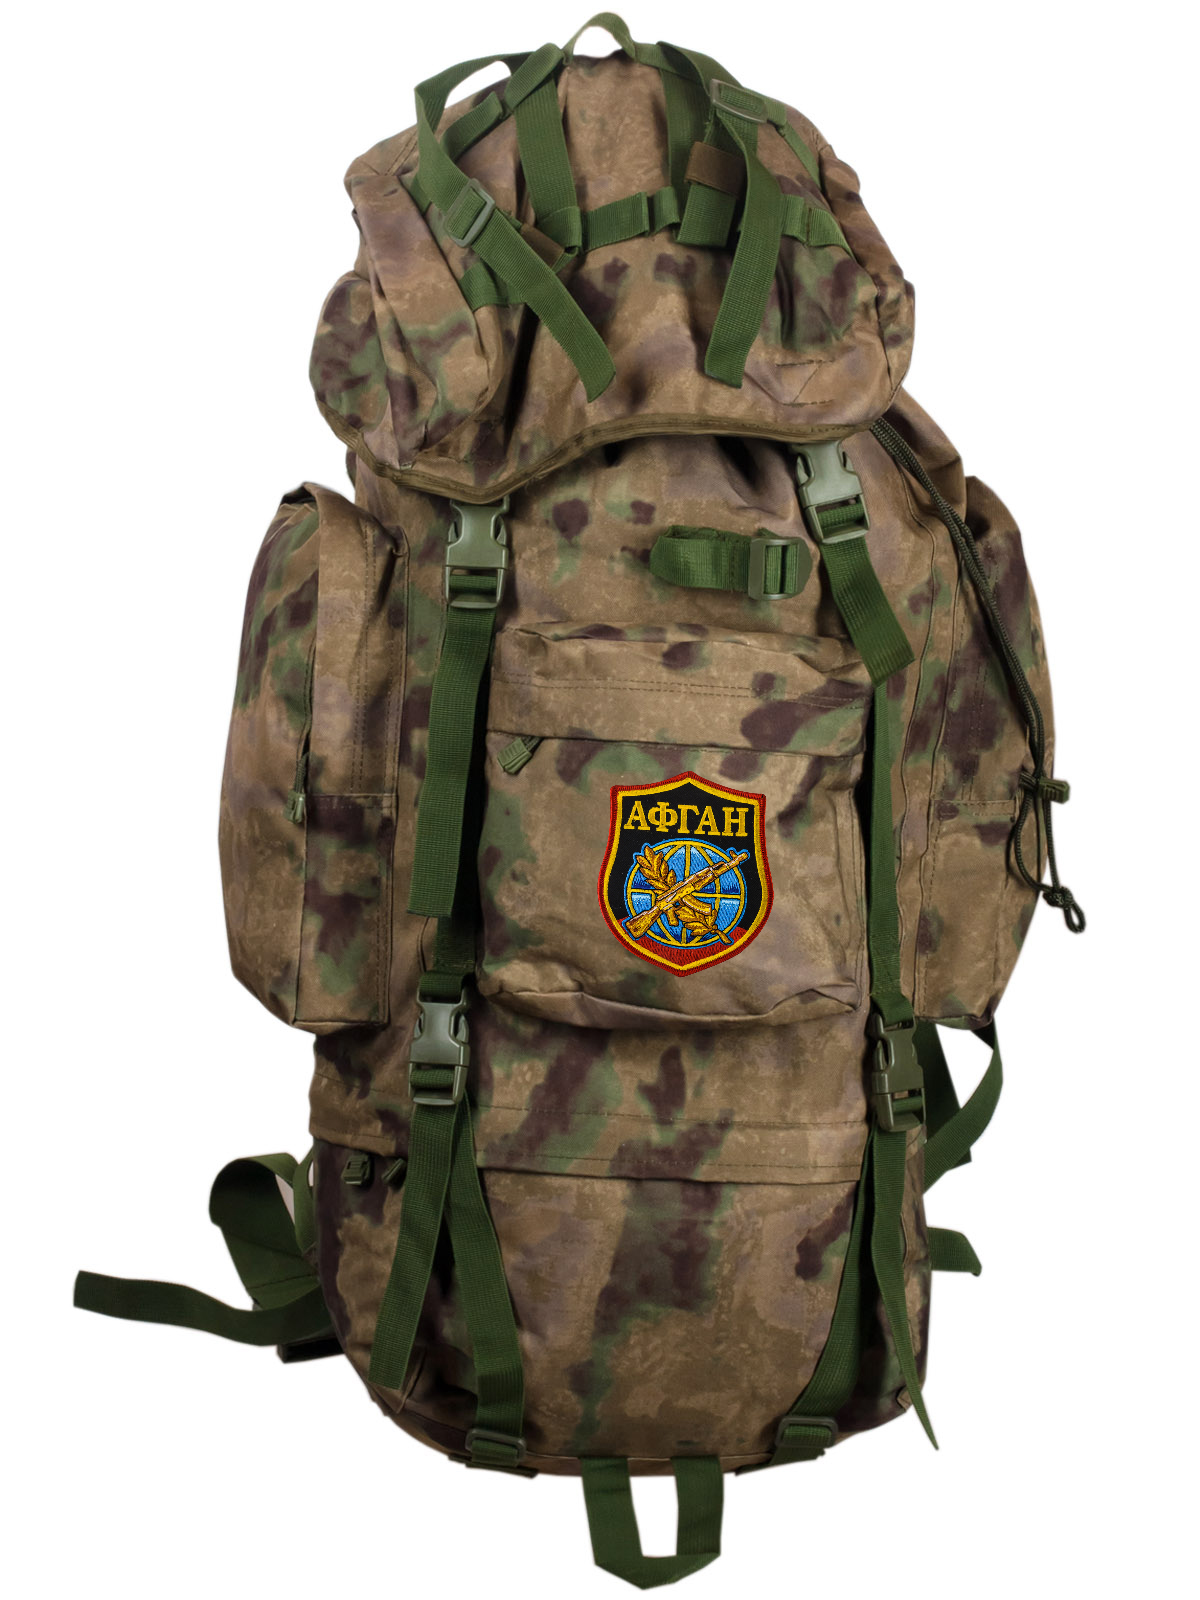 Тактический камуфляжный рюкзак с нашивкой Афган - заказать оптом